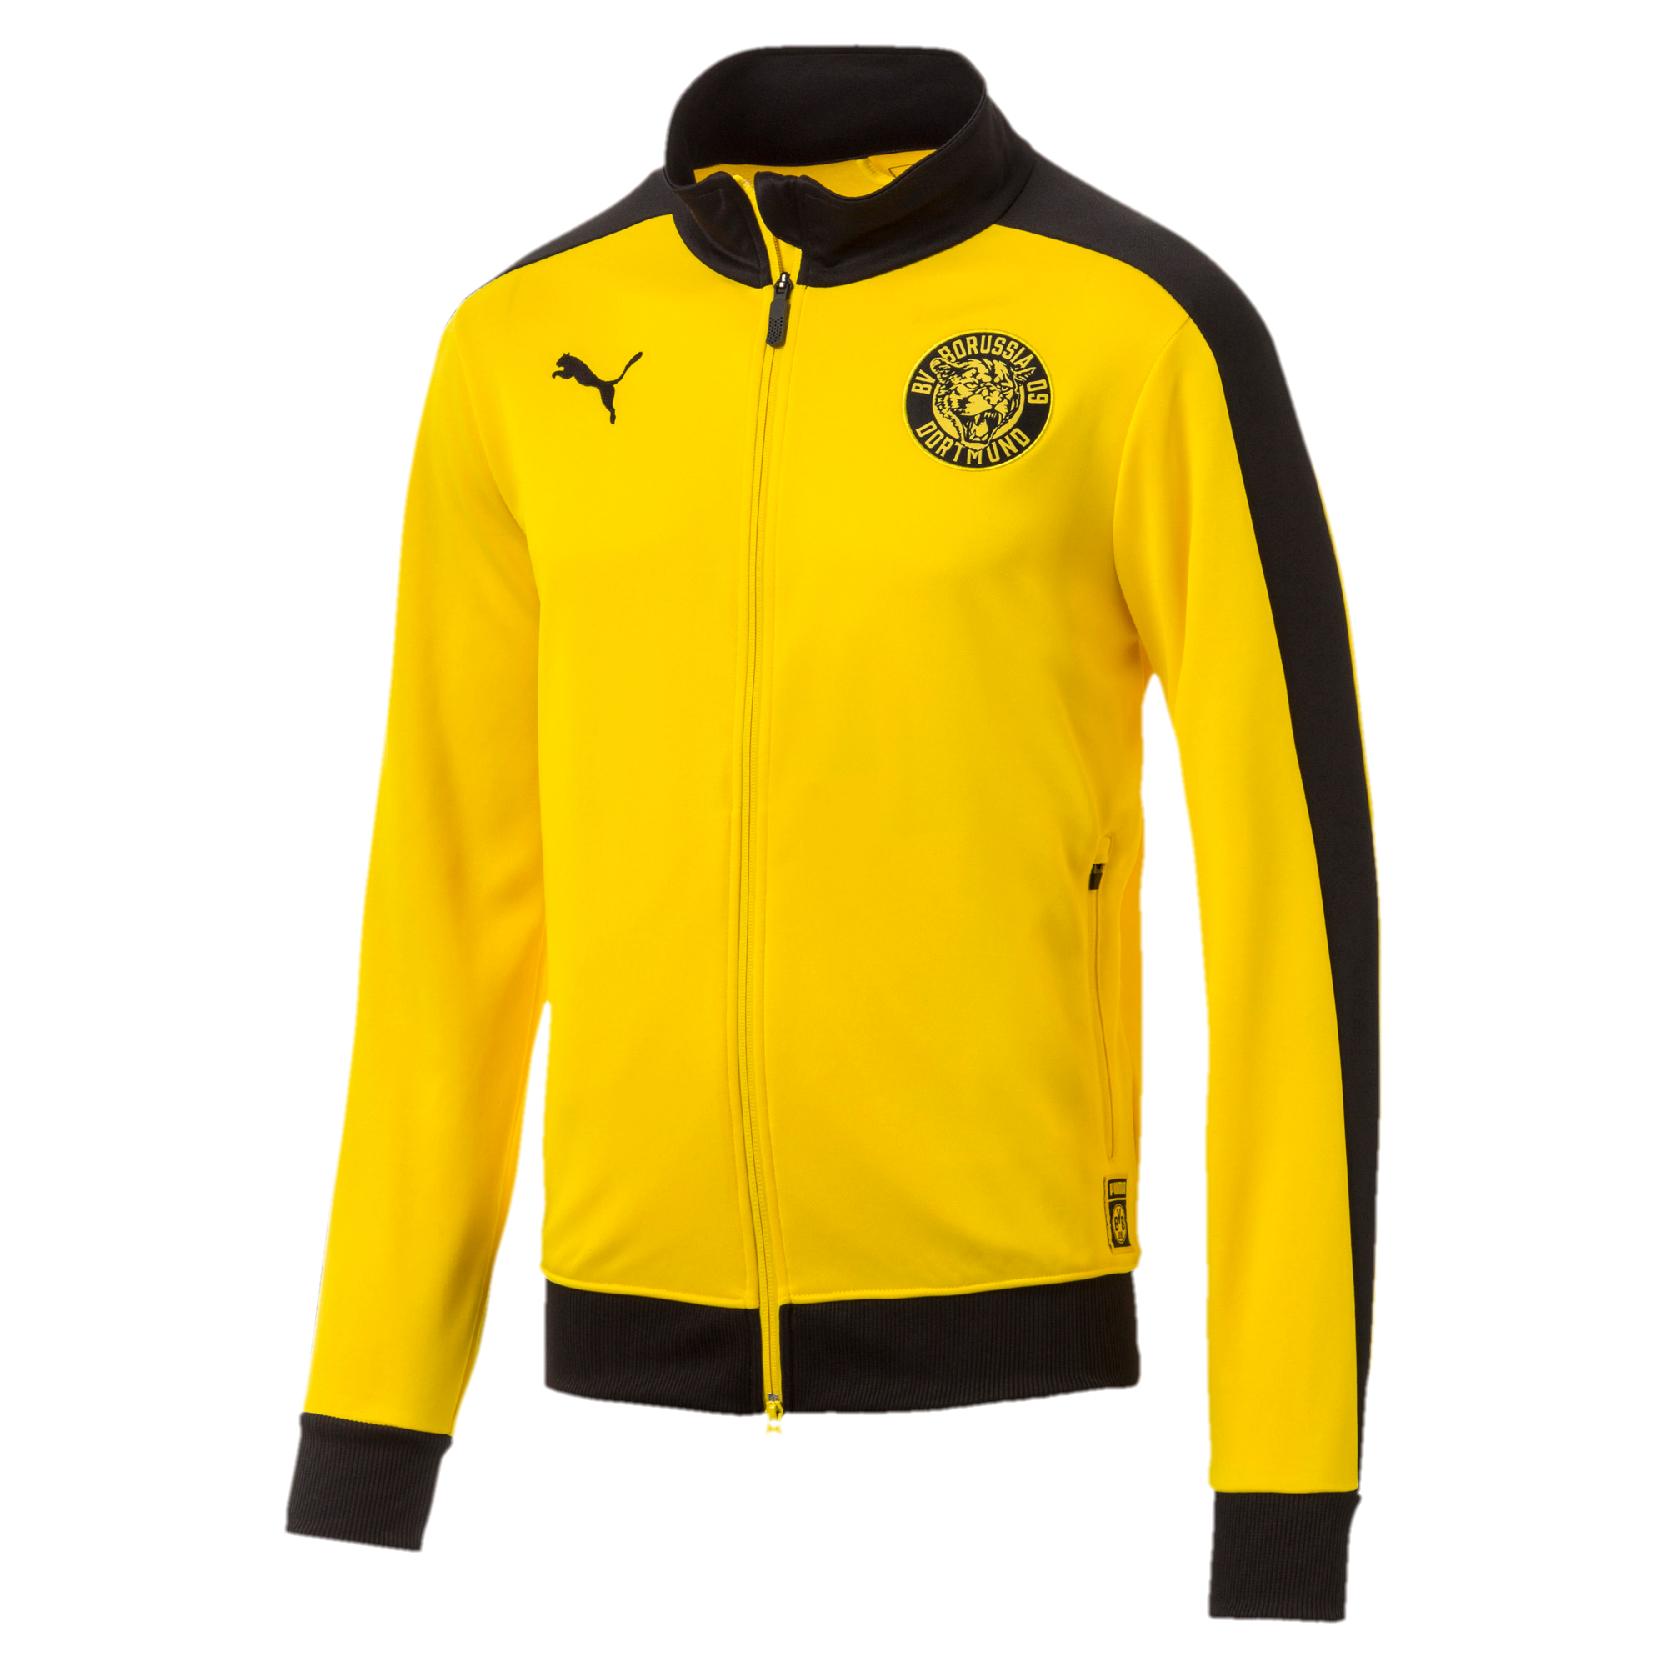 Gelb 01 Sweatjacke T7 Track 754101 Jacket Bvb Dortmund Herren Puma Borussia R34Lqc5Aj